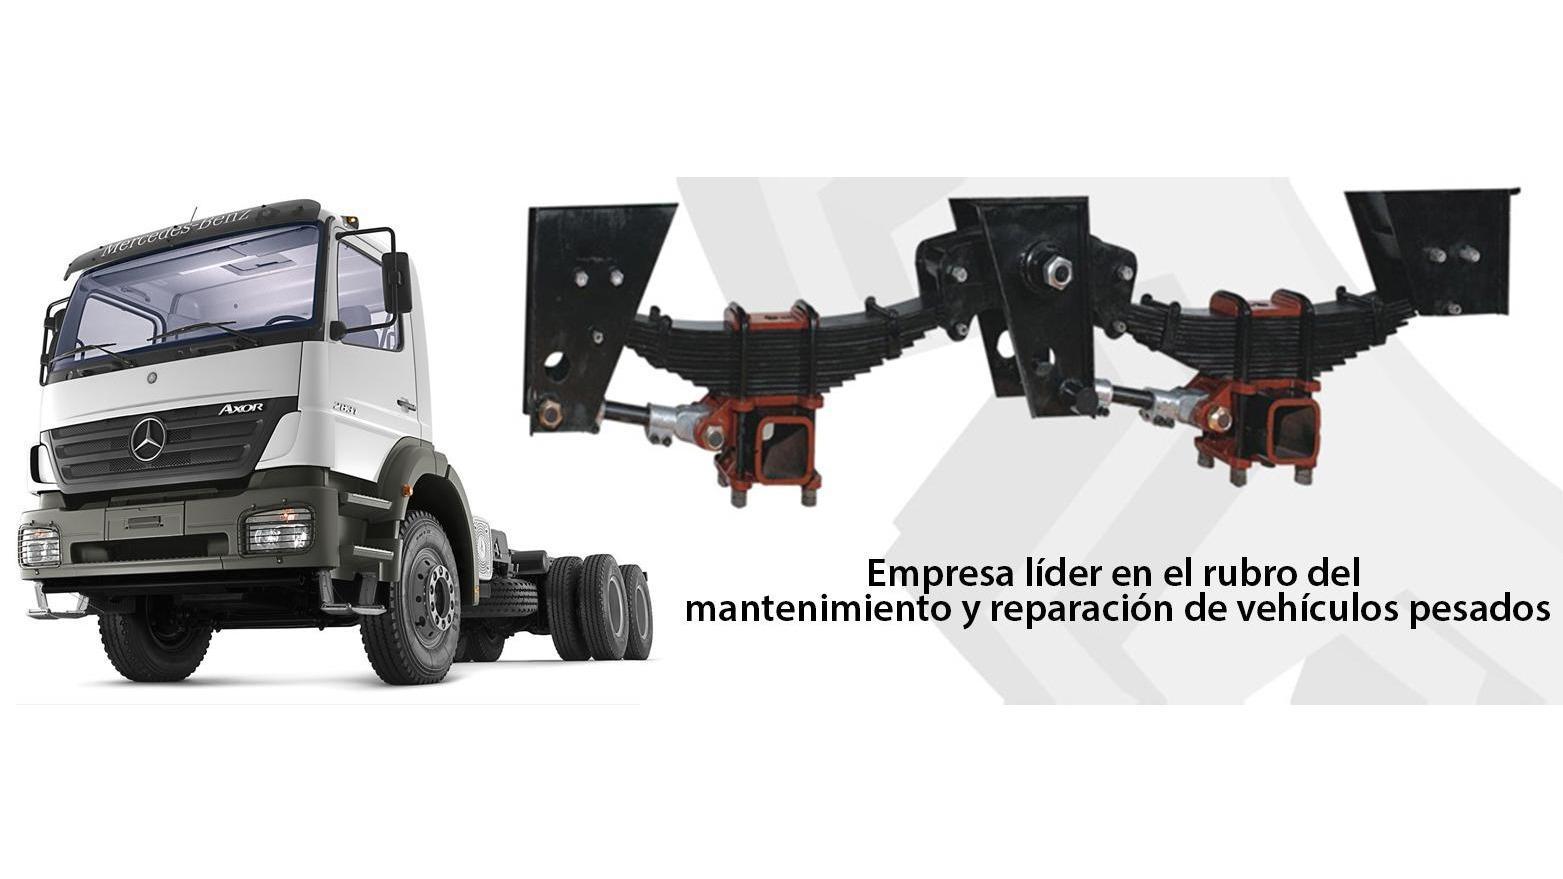 ELASTICOS EL MONARCA ® TREN DELANTERO